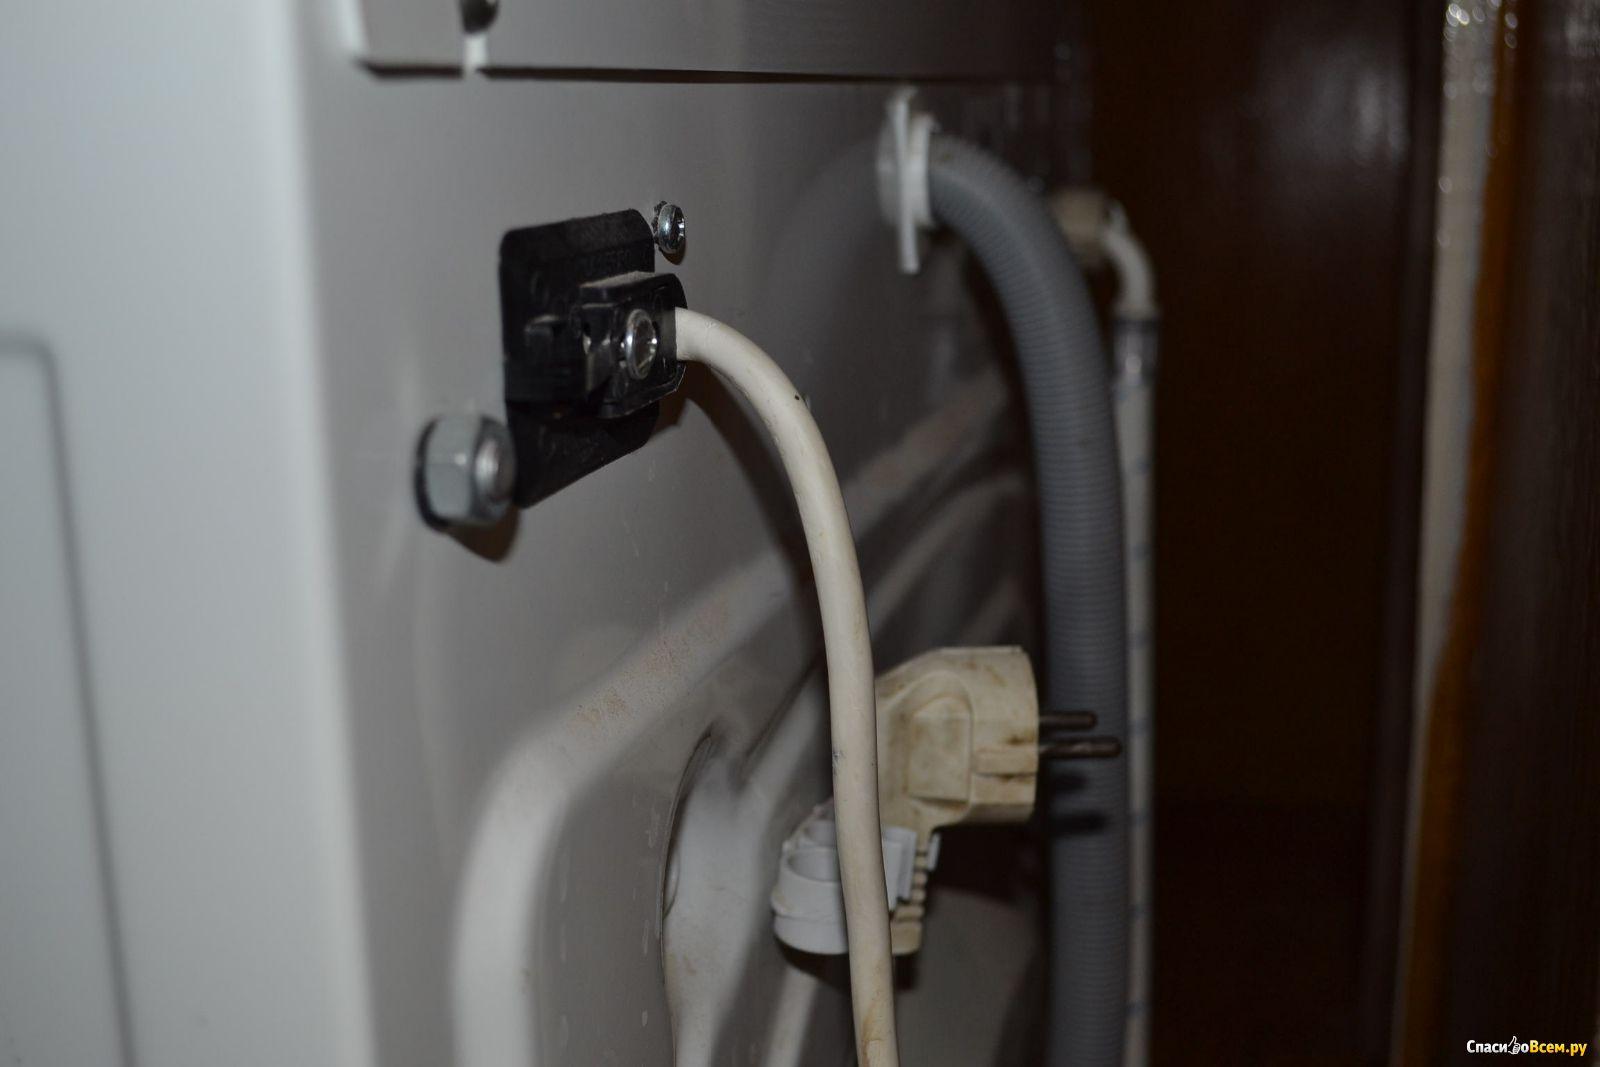 Ремонт стиральных машин бош Улица Черемушки (поселок Ерино) ремонт стиральных машин bosch Елецкая улица